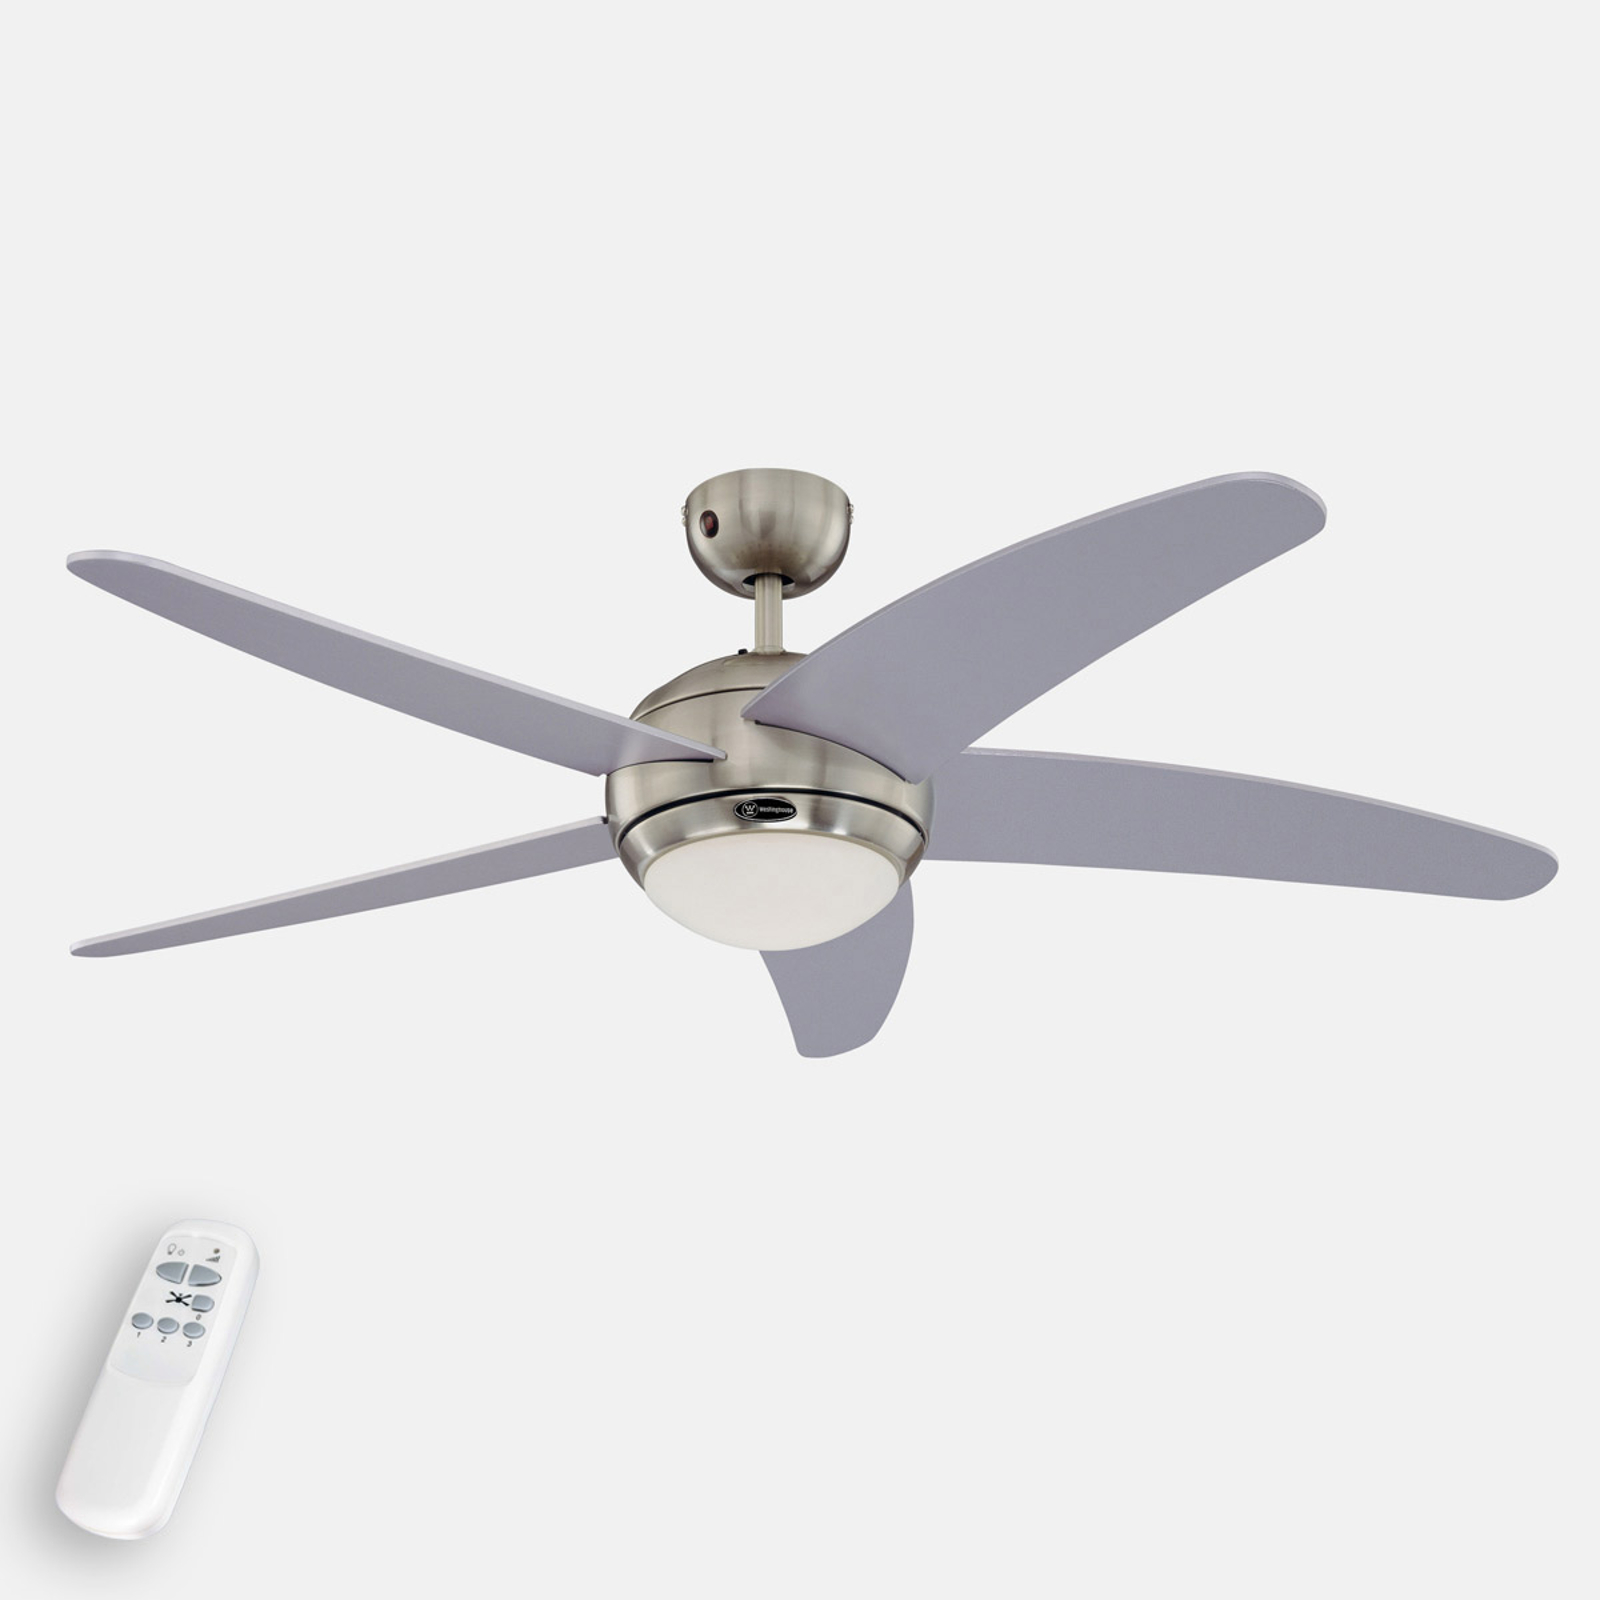 Ventilateur de plafond lumineux Bendan argenté